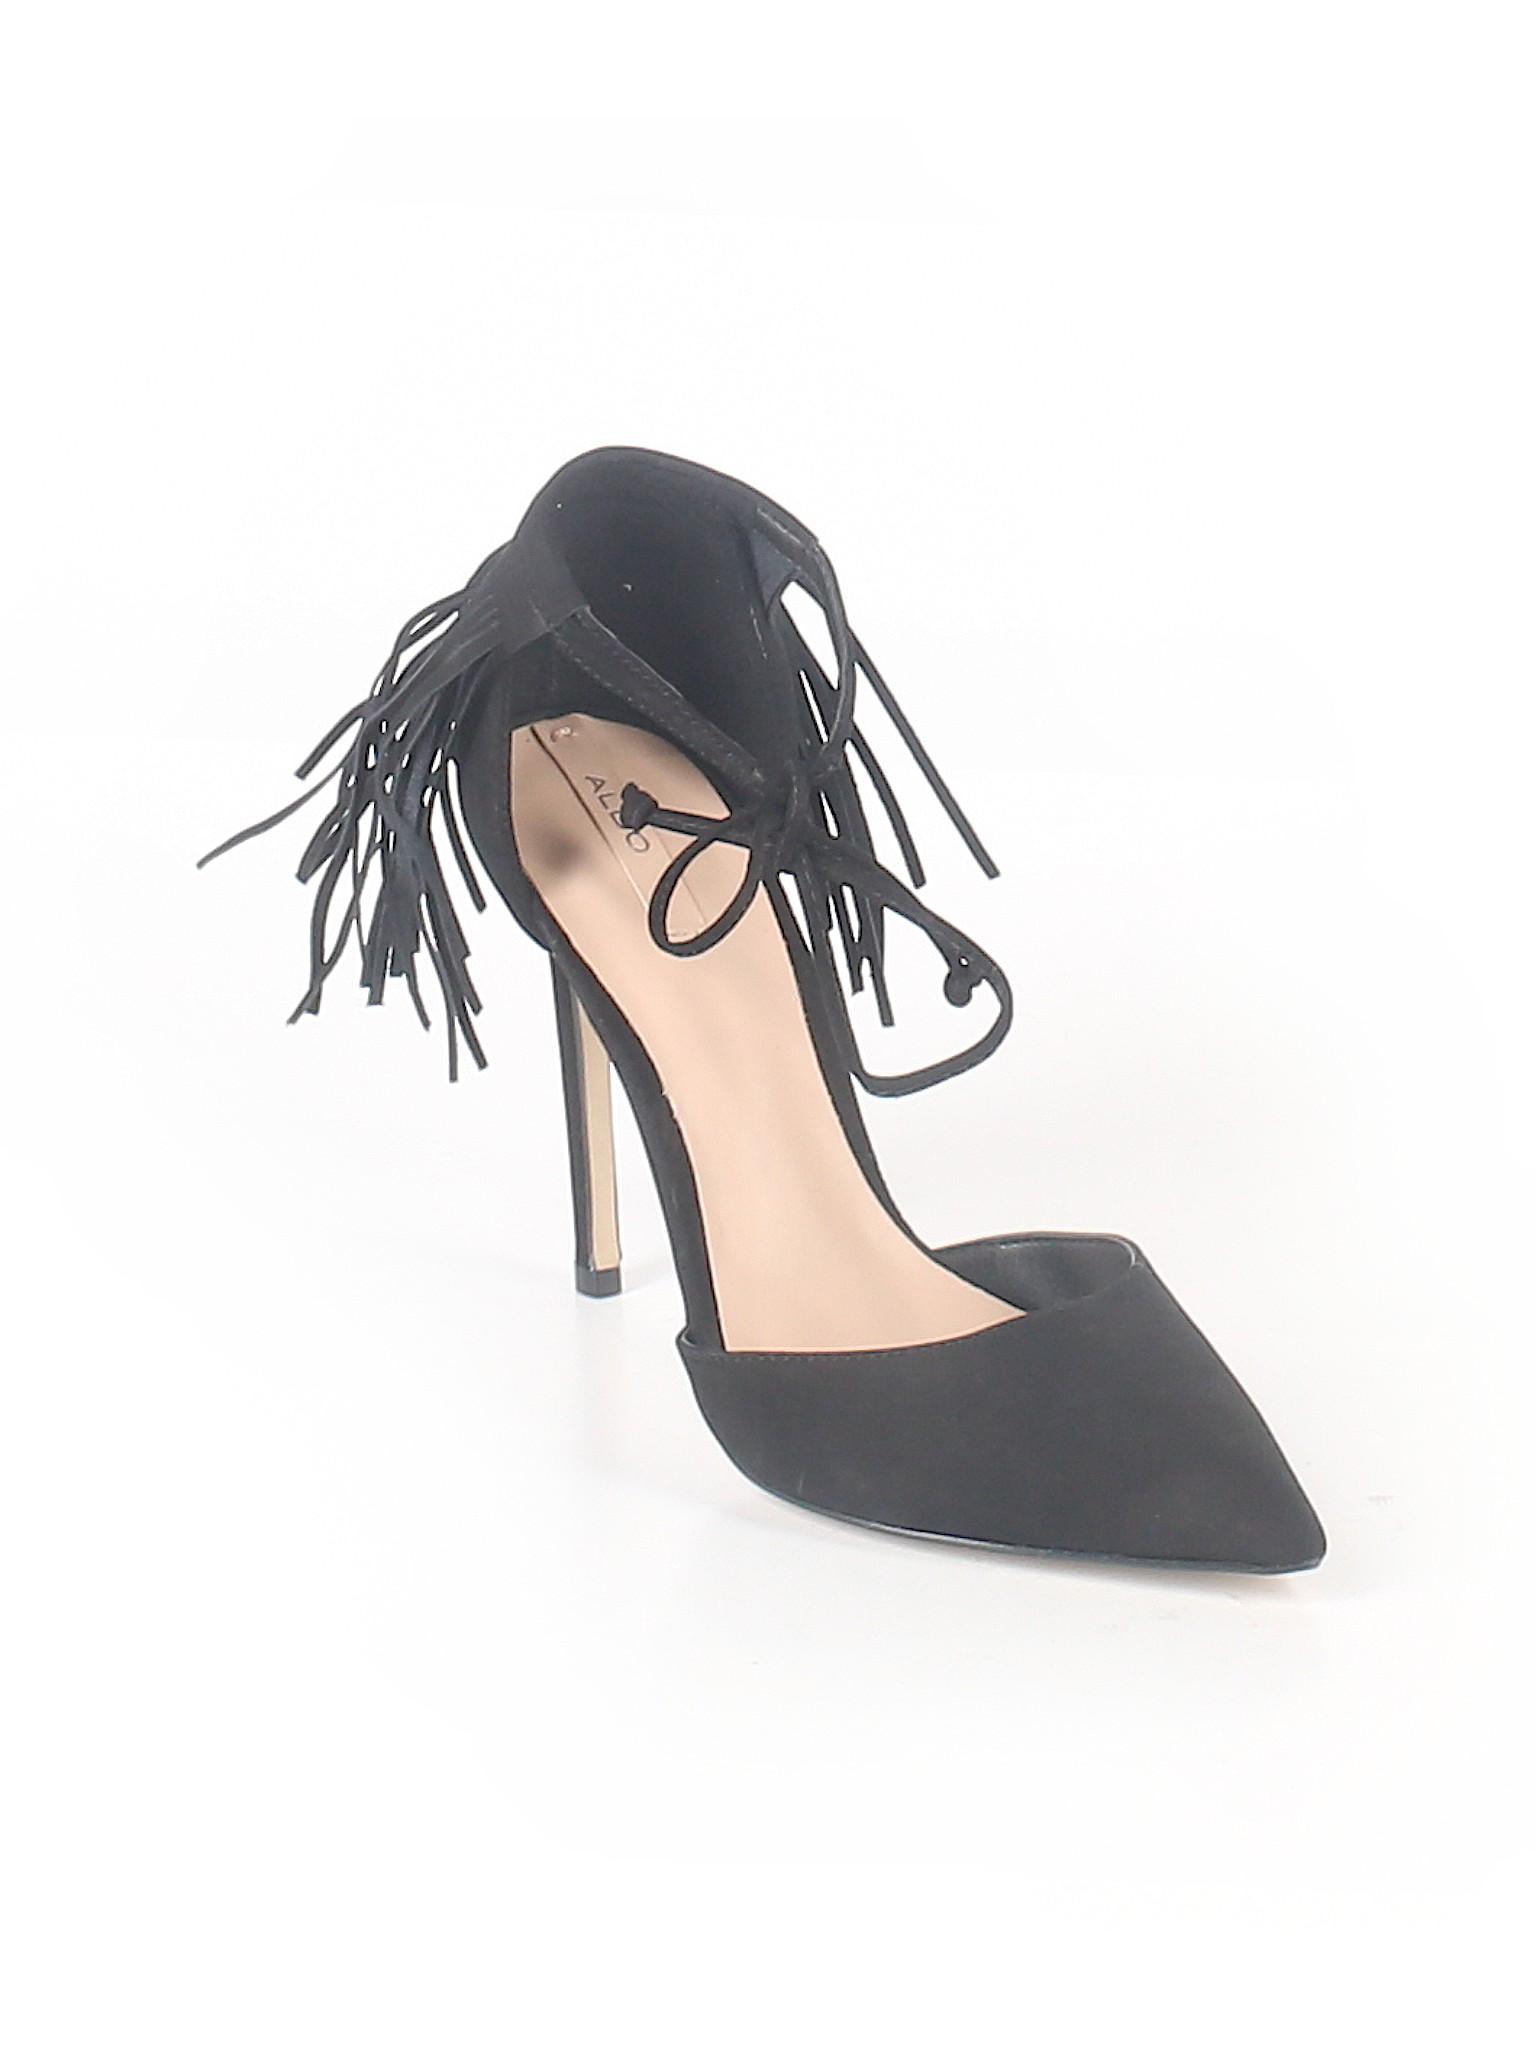 Boutique Boutique Heels promotion Aldo promotion n8T7qxwaav